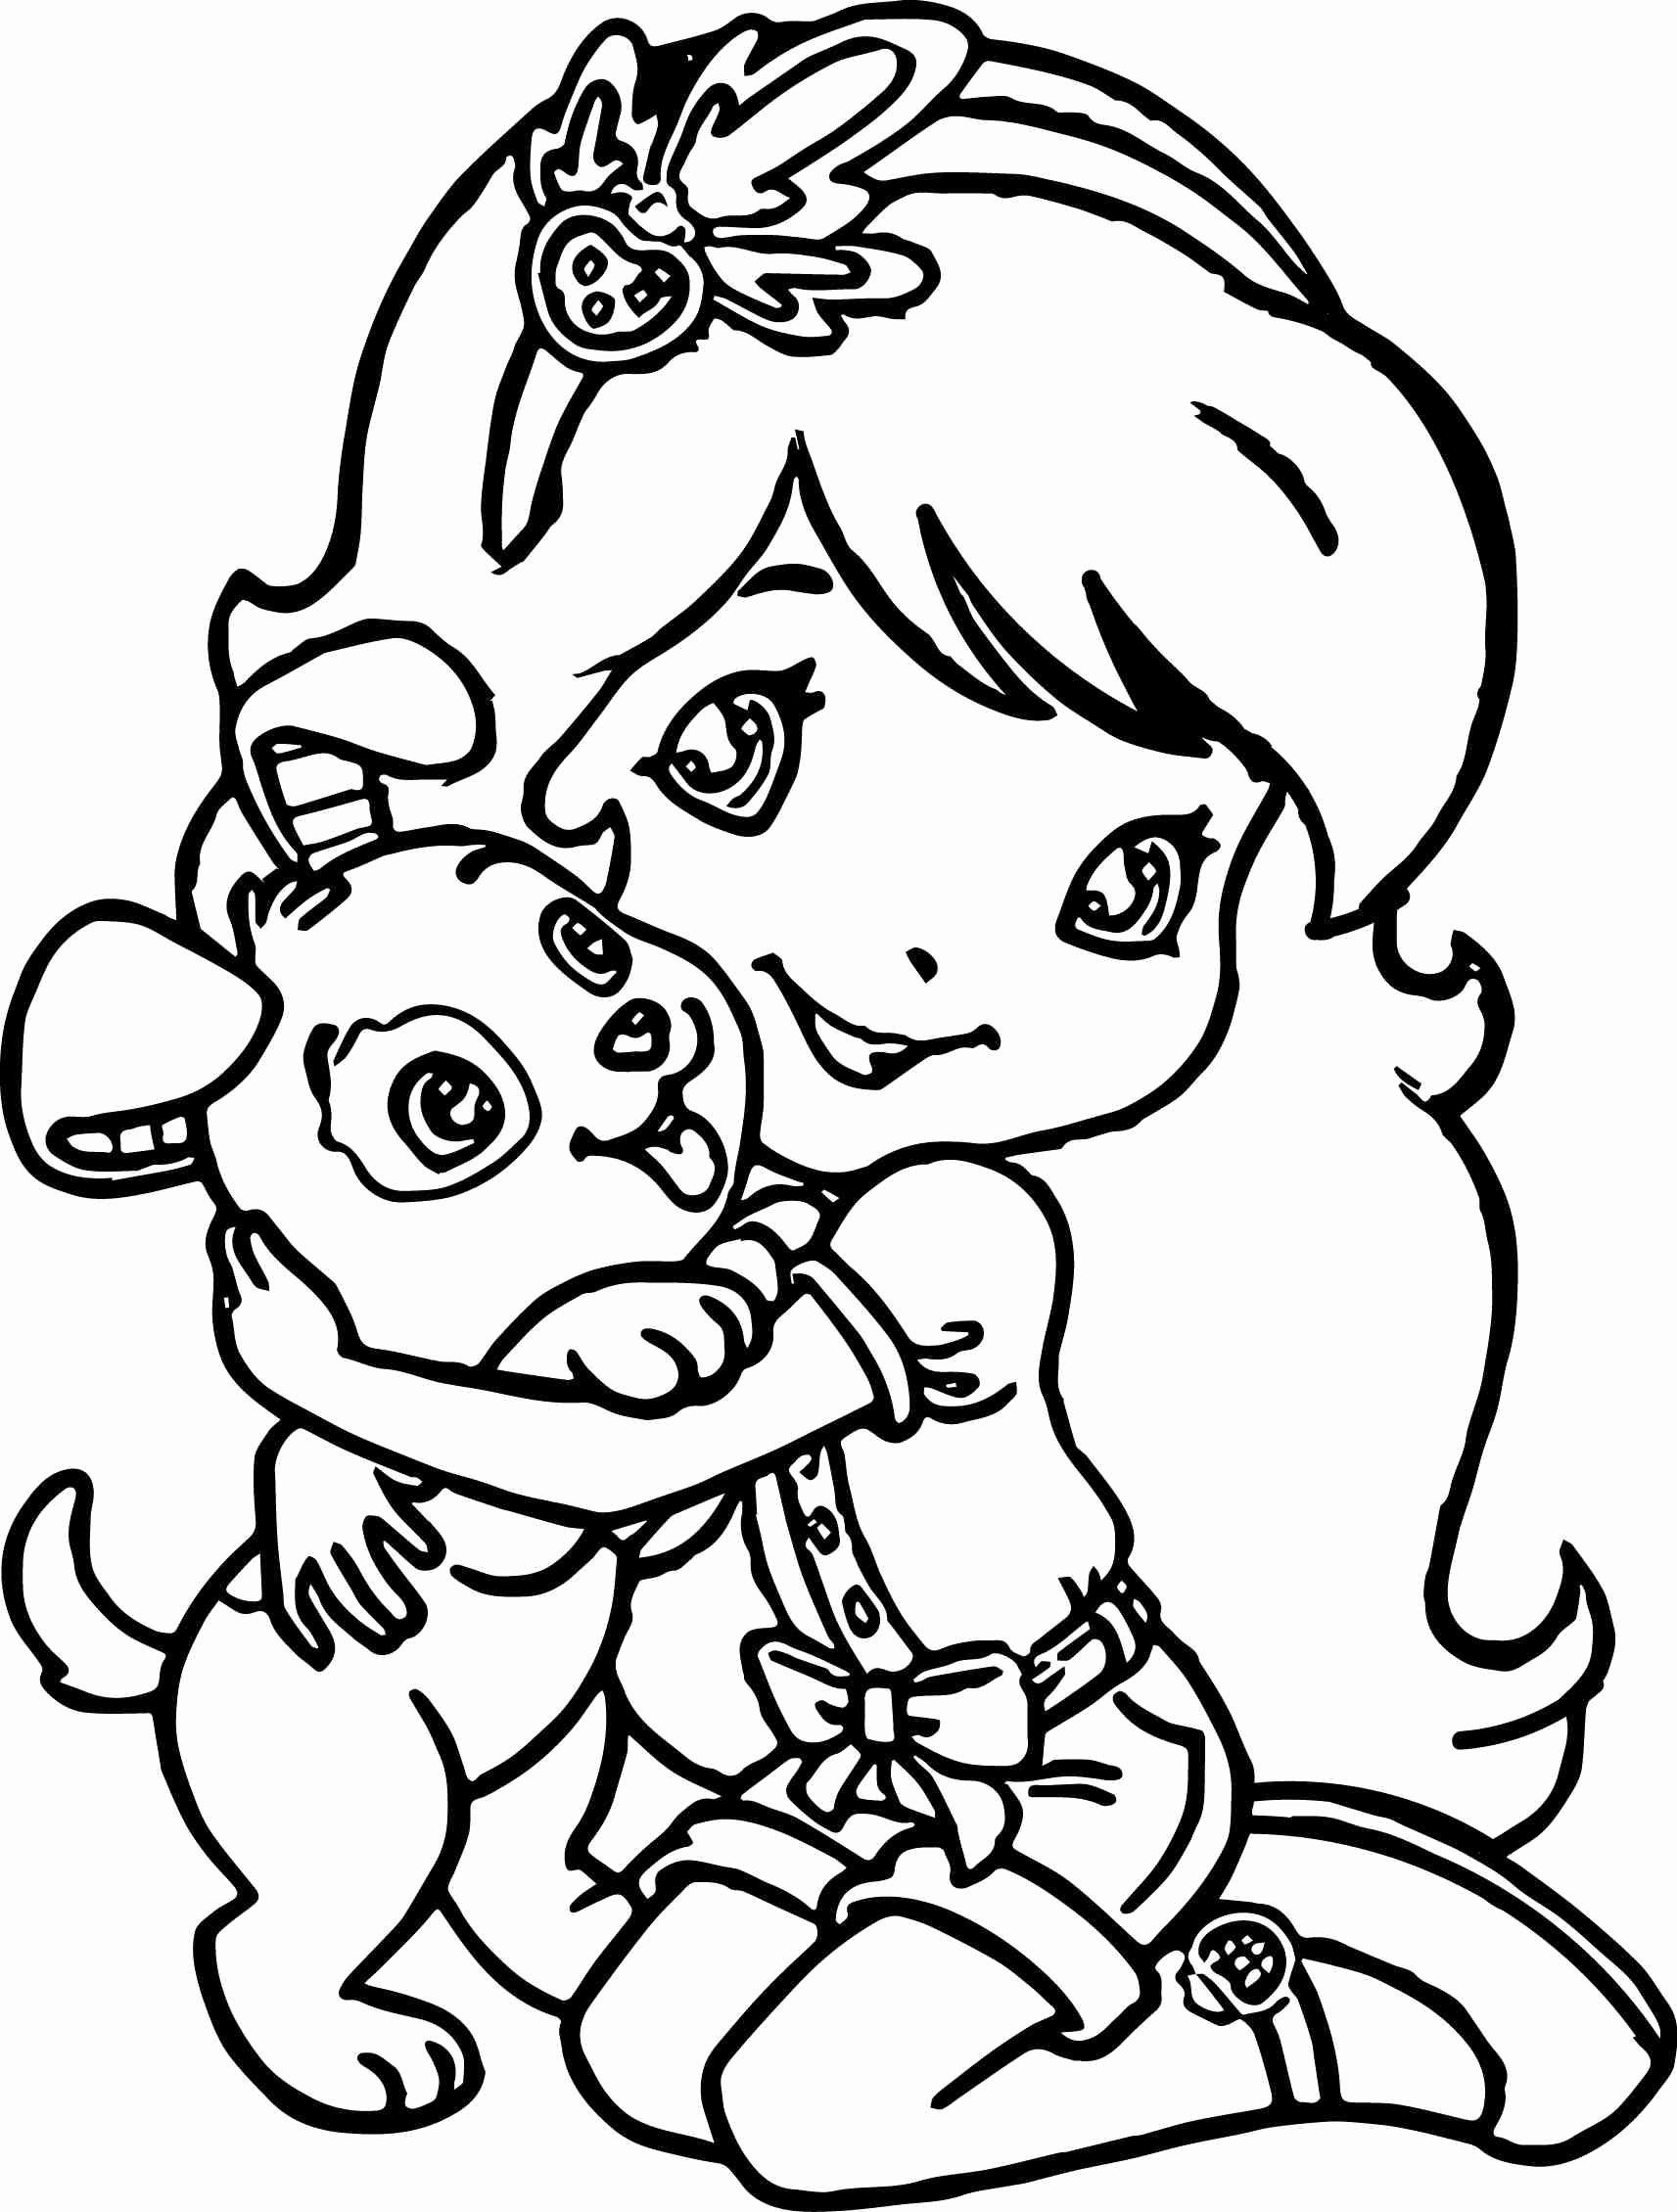 Coloring Sheets For Girls Elegant Superb Coloring Coloring Pages For Girls Dogs In 2020 Puppy Coloring Pages Dog Coloring Page Witch Coloring Pages